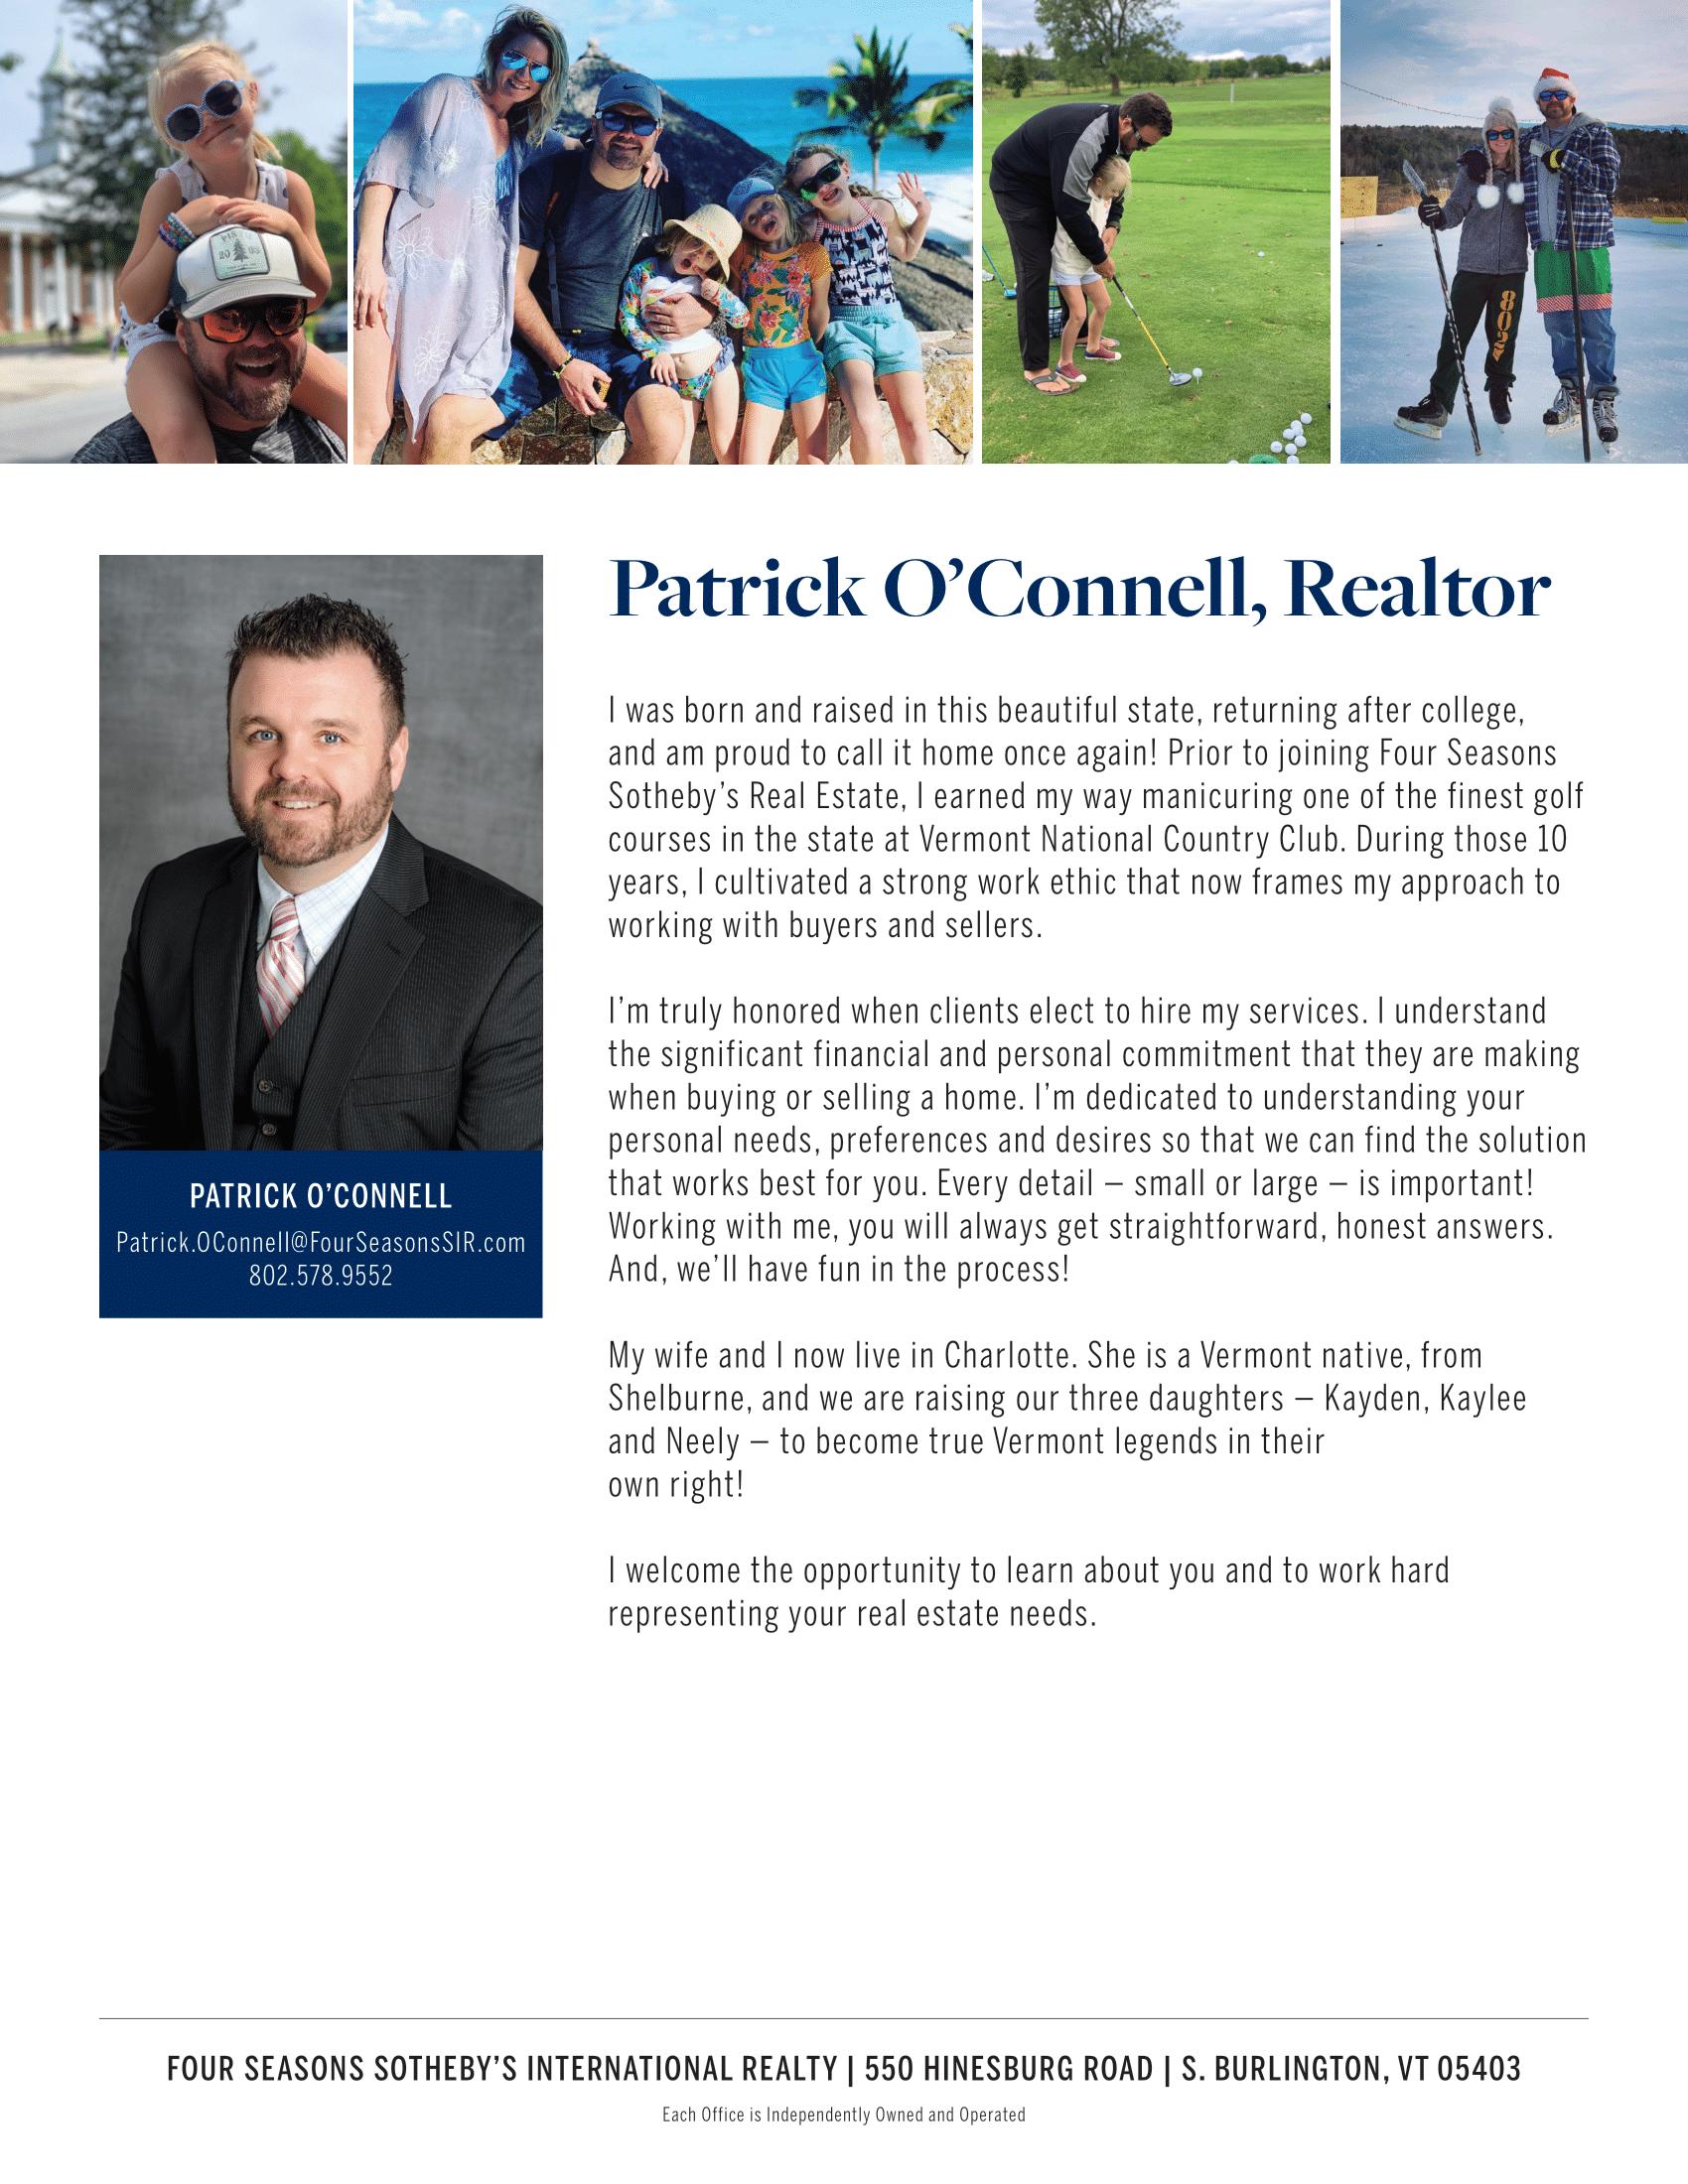 Patrick O'Connell, Realtor